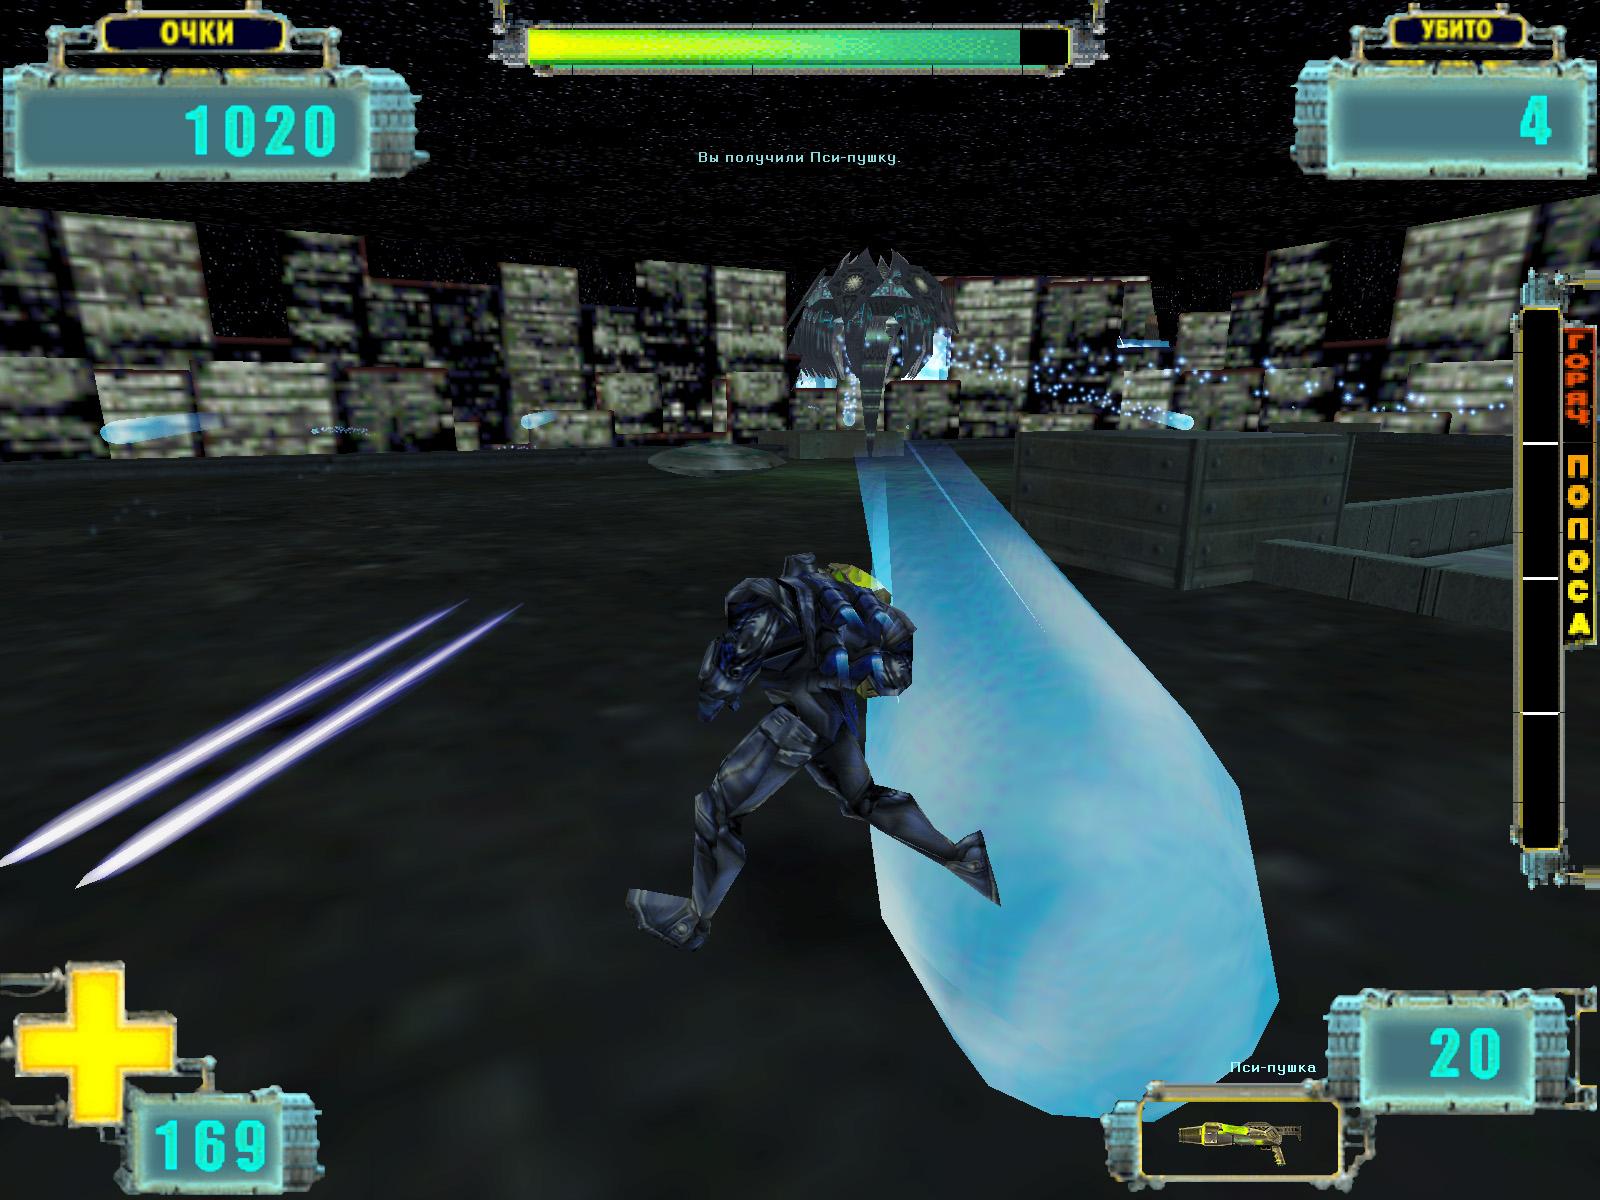 Файл:X-COM Enforcer Wargon Screenshot.jpg — Википедия